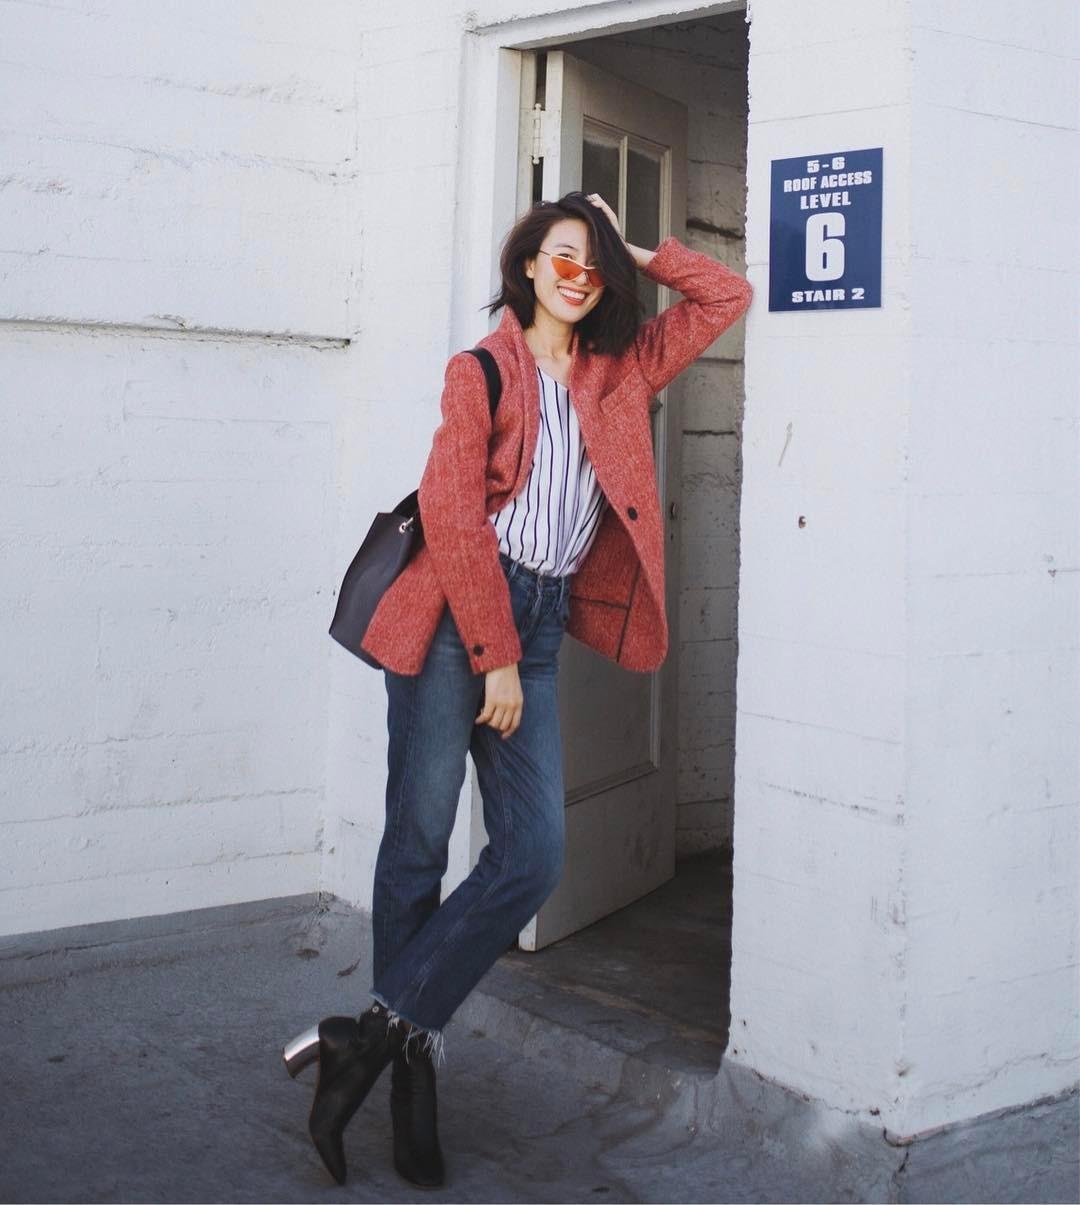 Áo blazer không hề một màu, nhàm chán bởi có ít nhất 5 biến tấu để các nàng thỏa sức làm điệu trong mùa lạnh năm nay - Ảnh 4